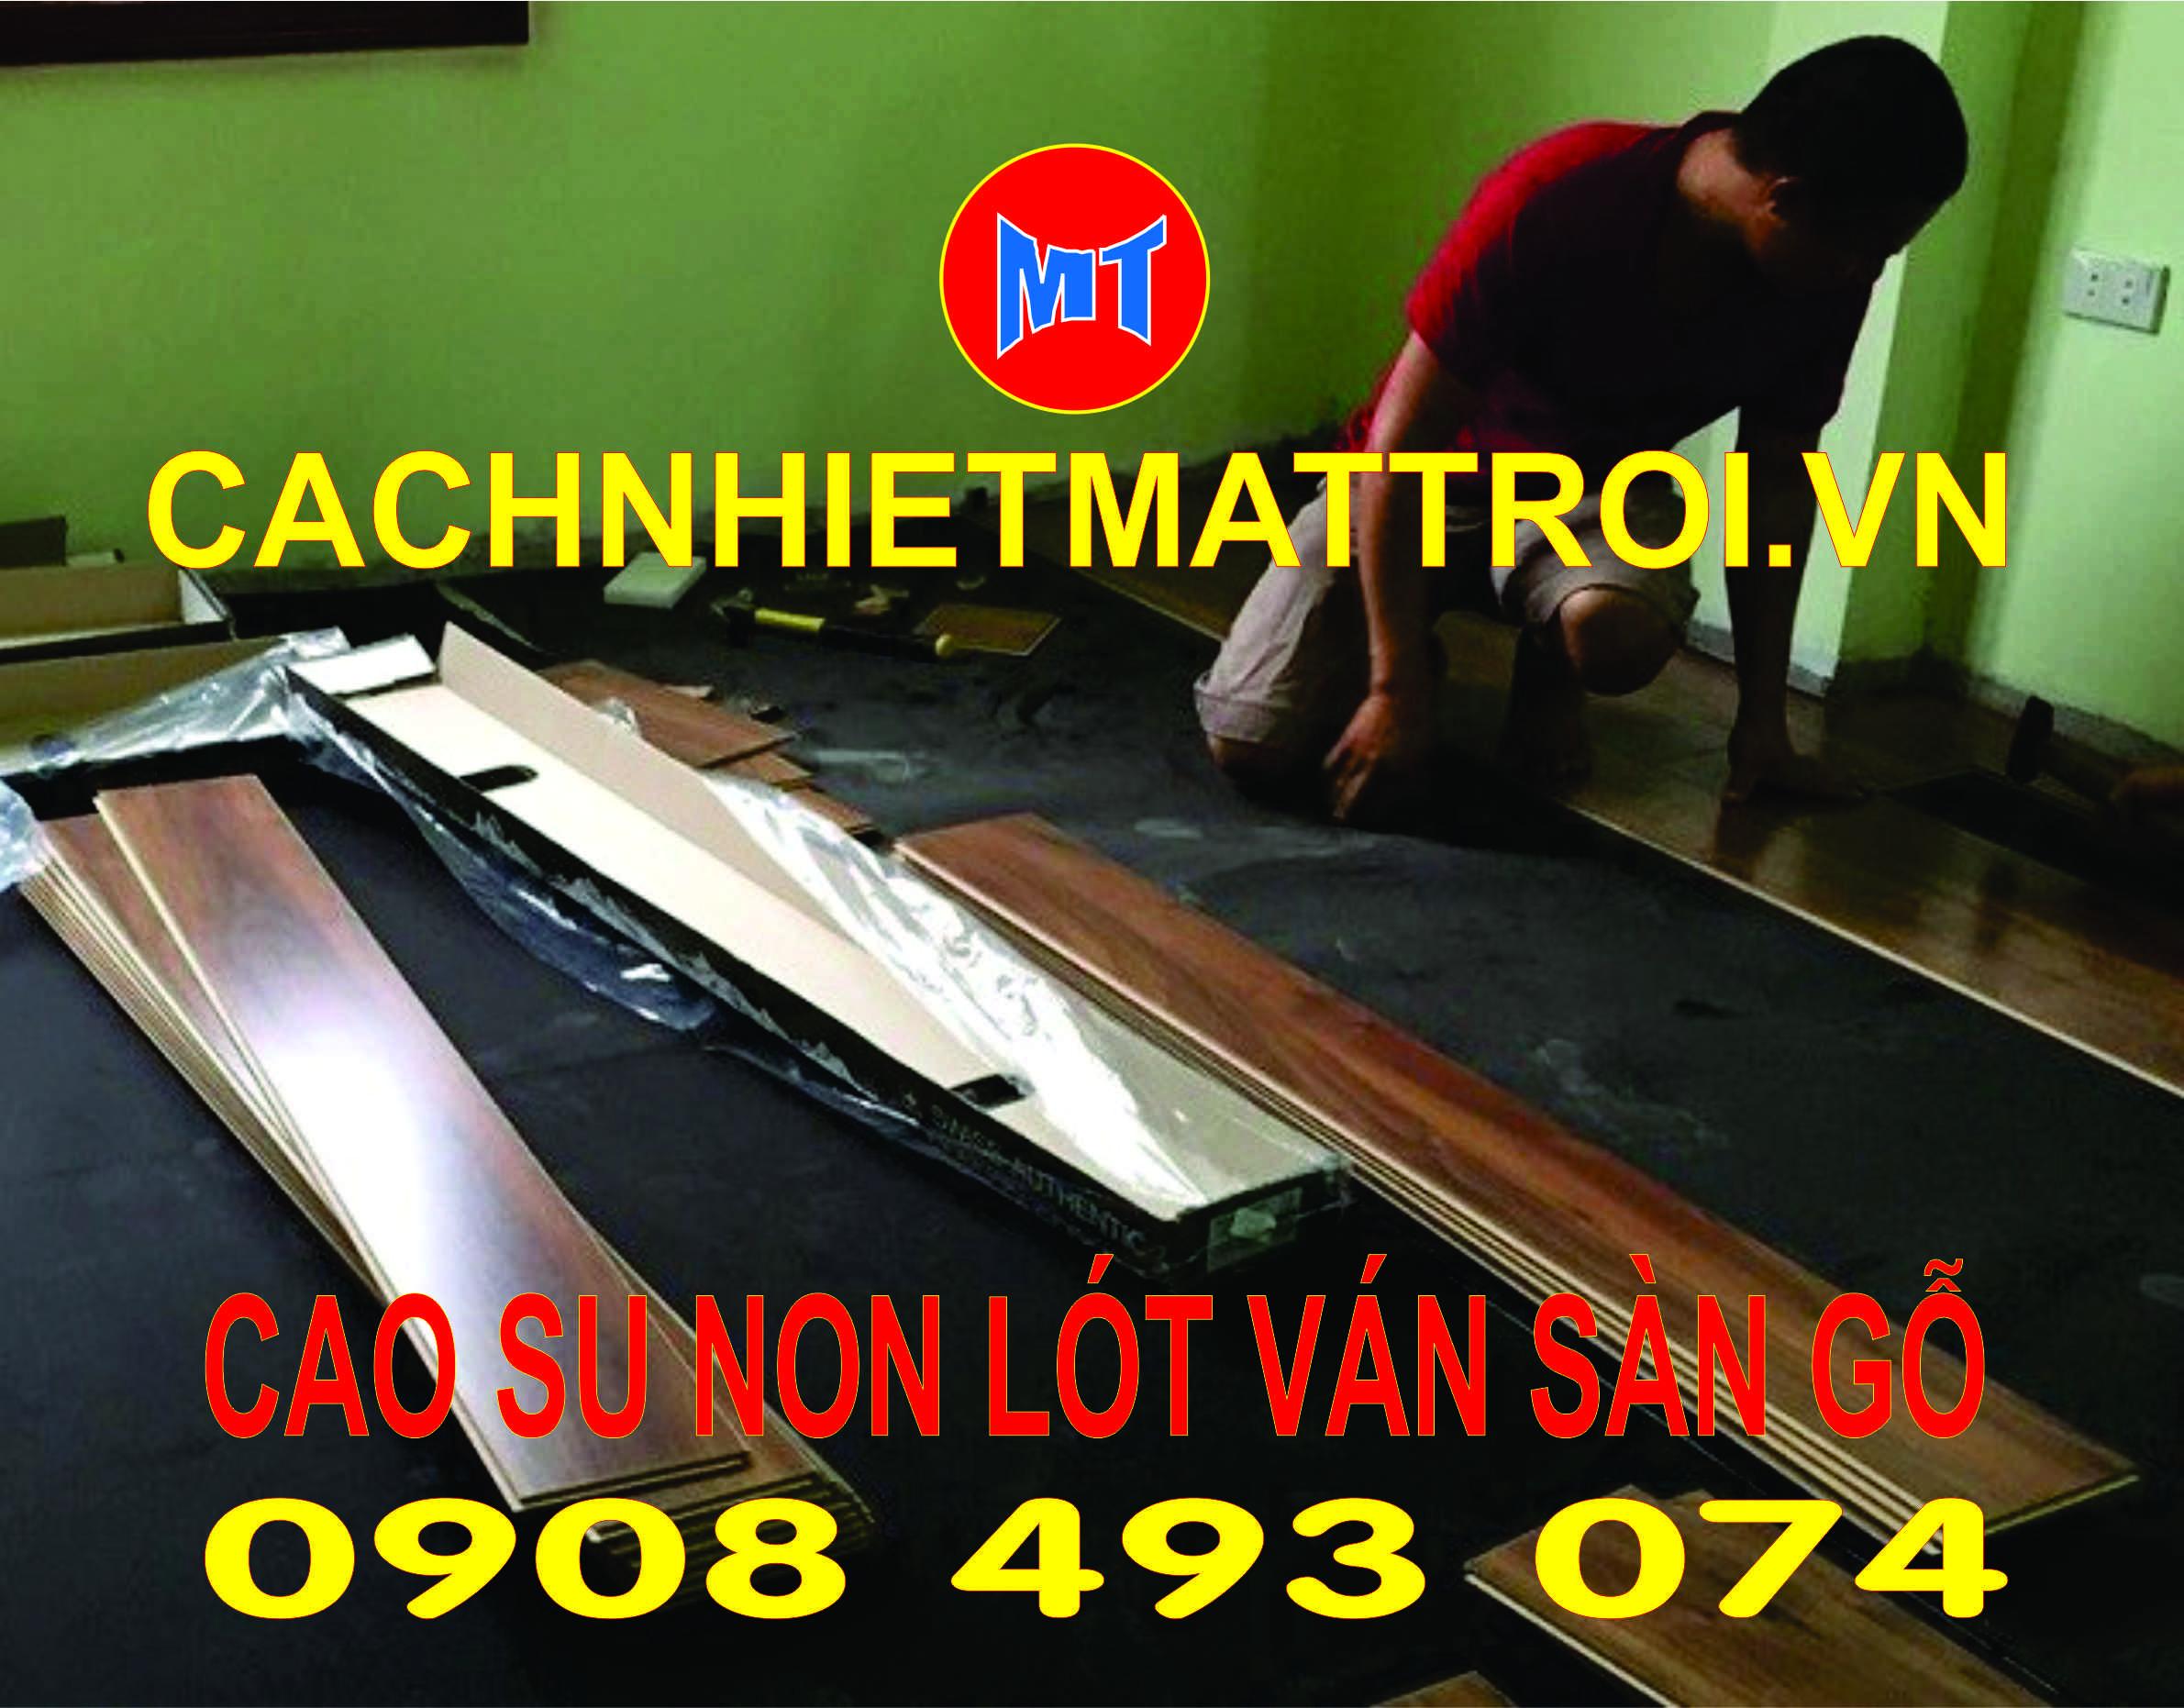 hình ảnh sản phẩm Cao su non lót ván sàn gỗ chống rung cách âm